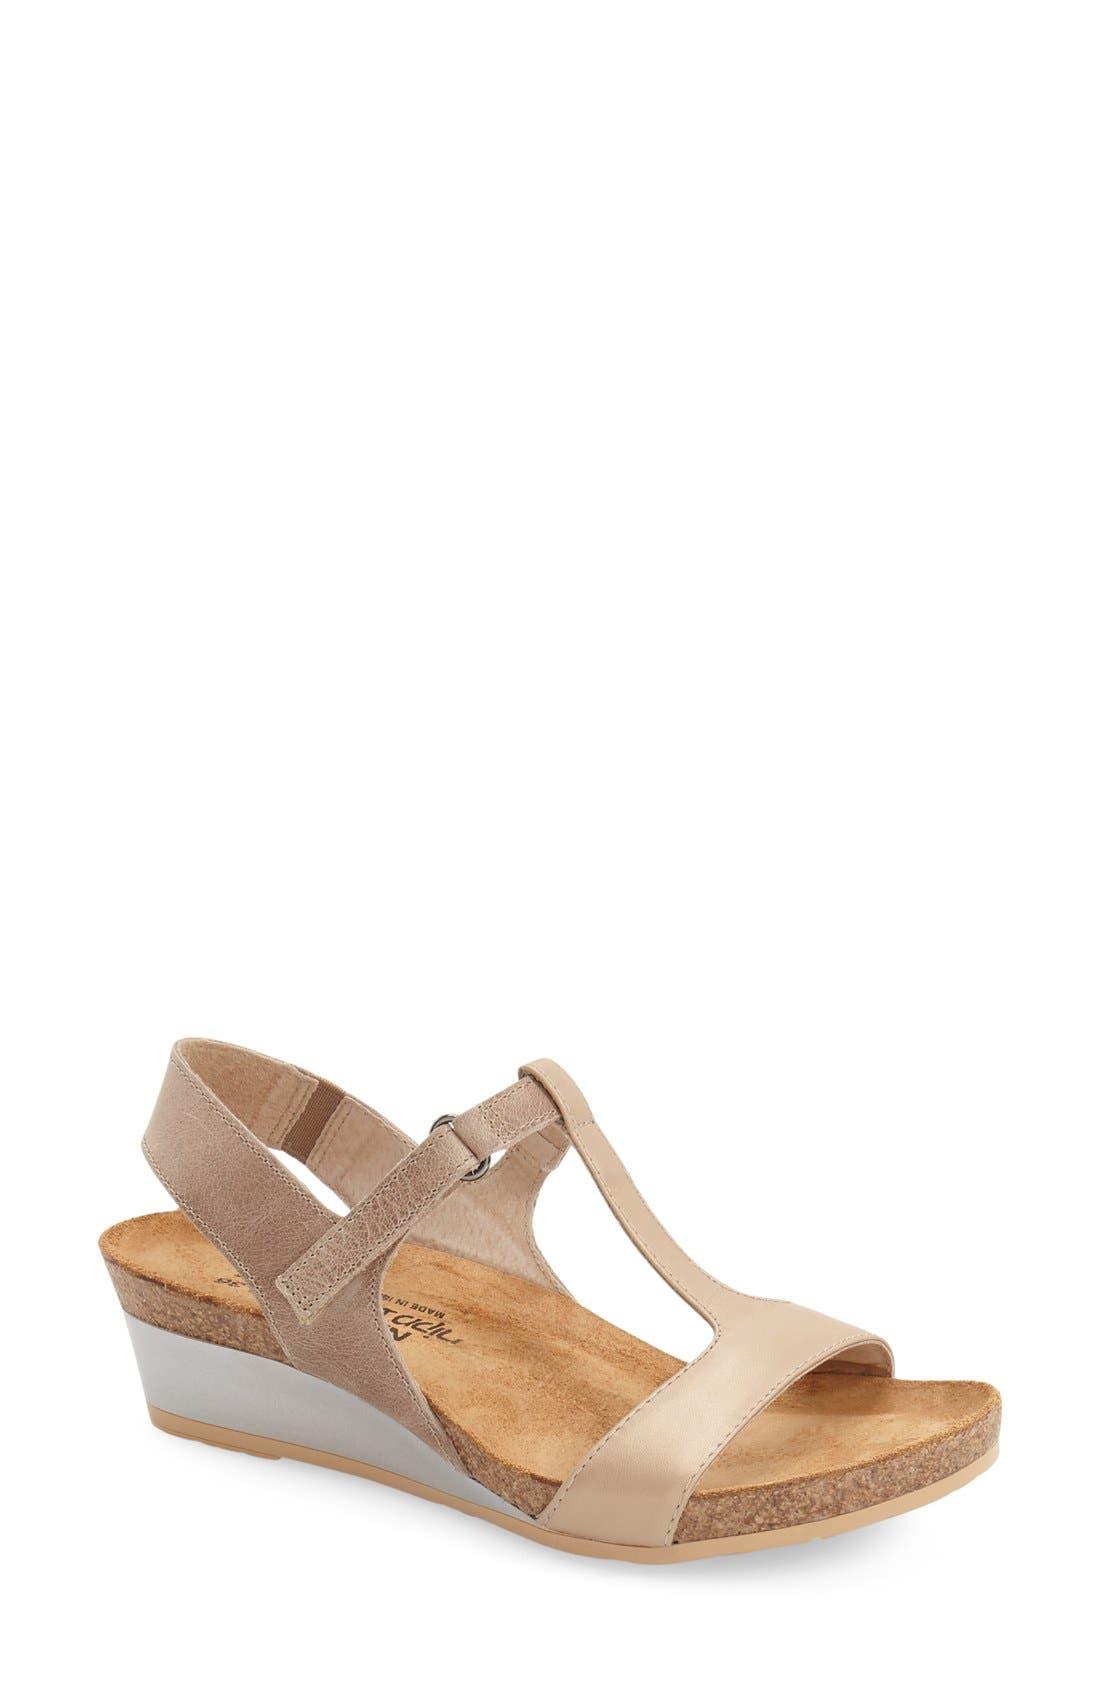 NAOT, 'Unicorn' T-Strap Sandal, Main thumbnail 1, color, 250